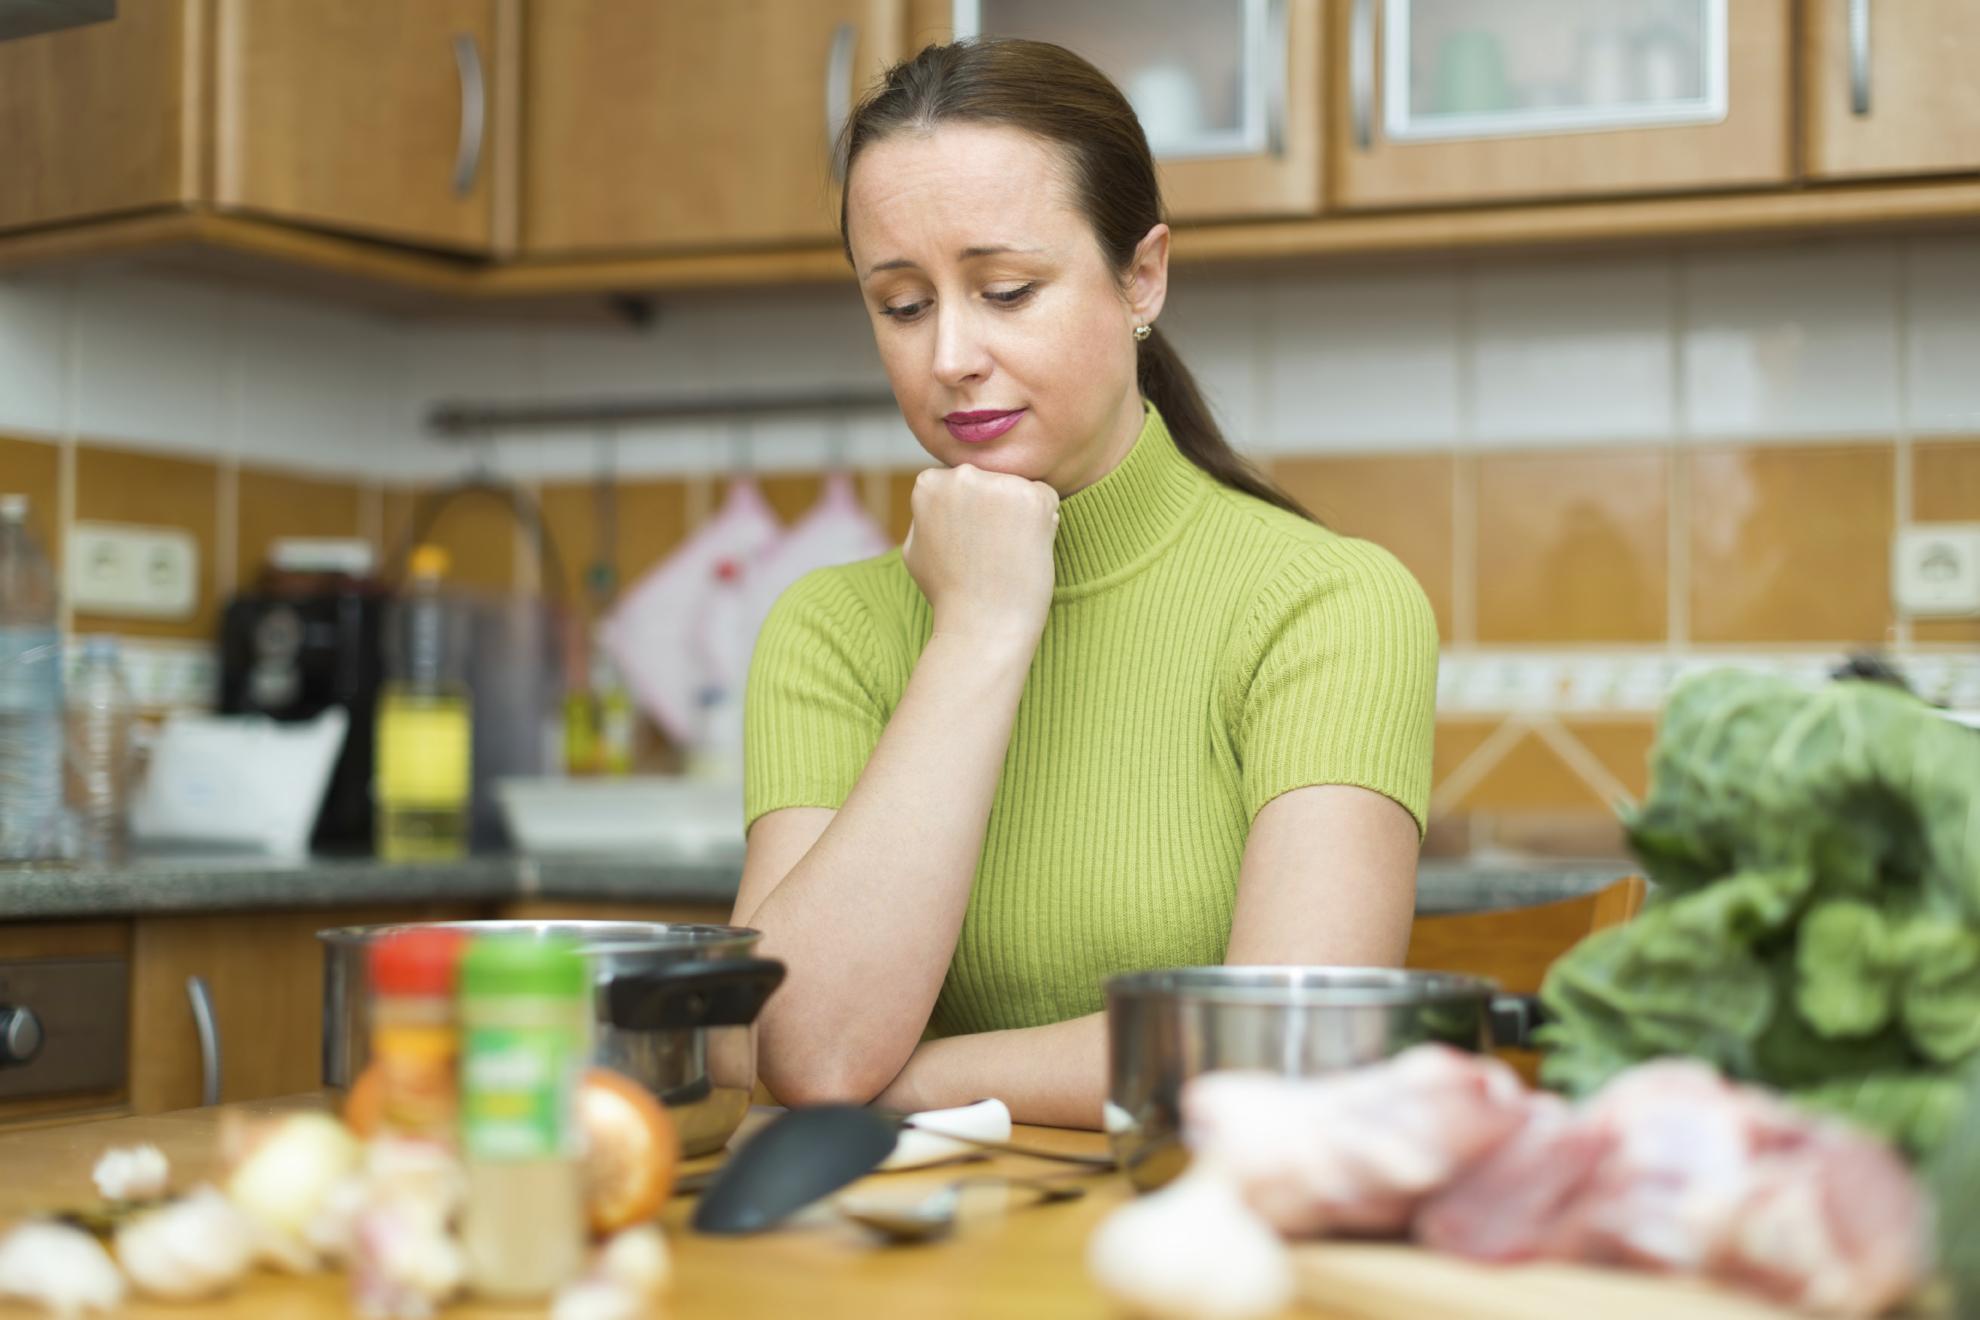 Лайфхак! Эти 6 предметов на кухне упростят вашу жизнь!